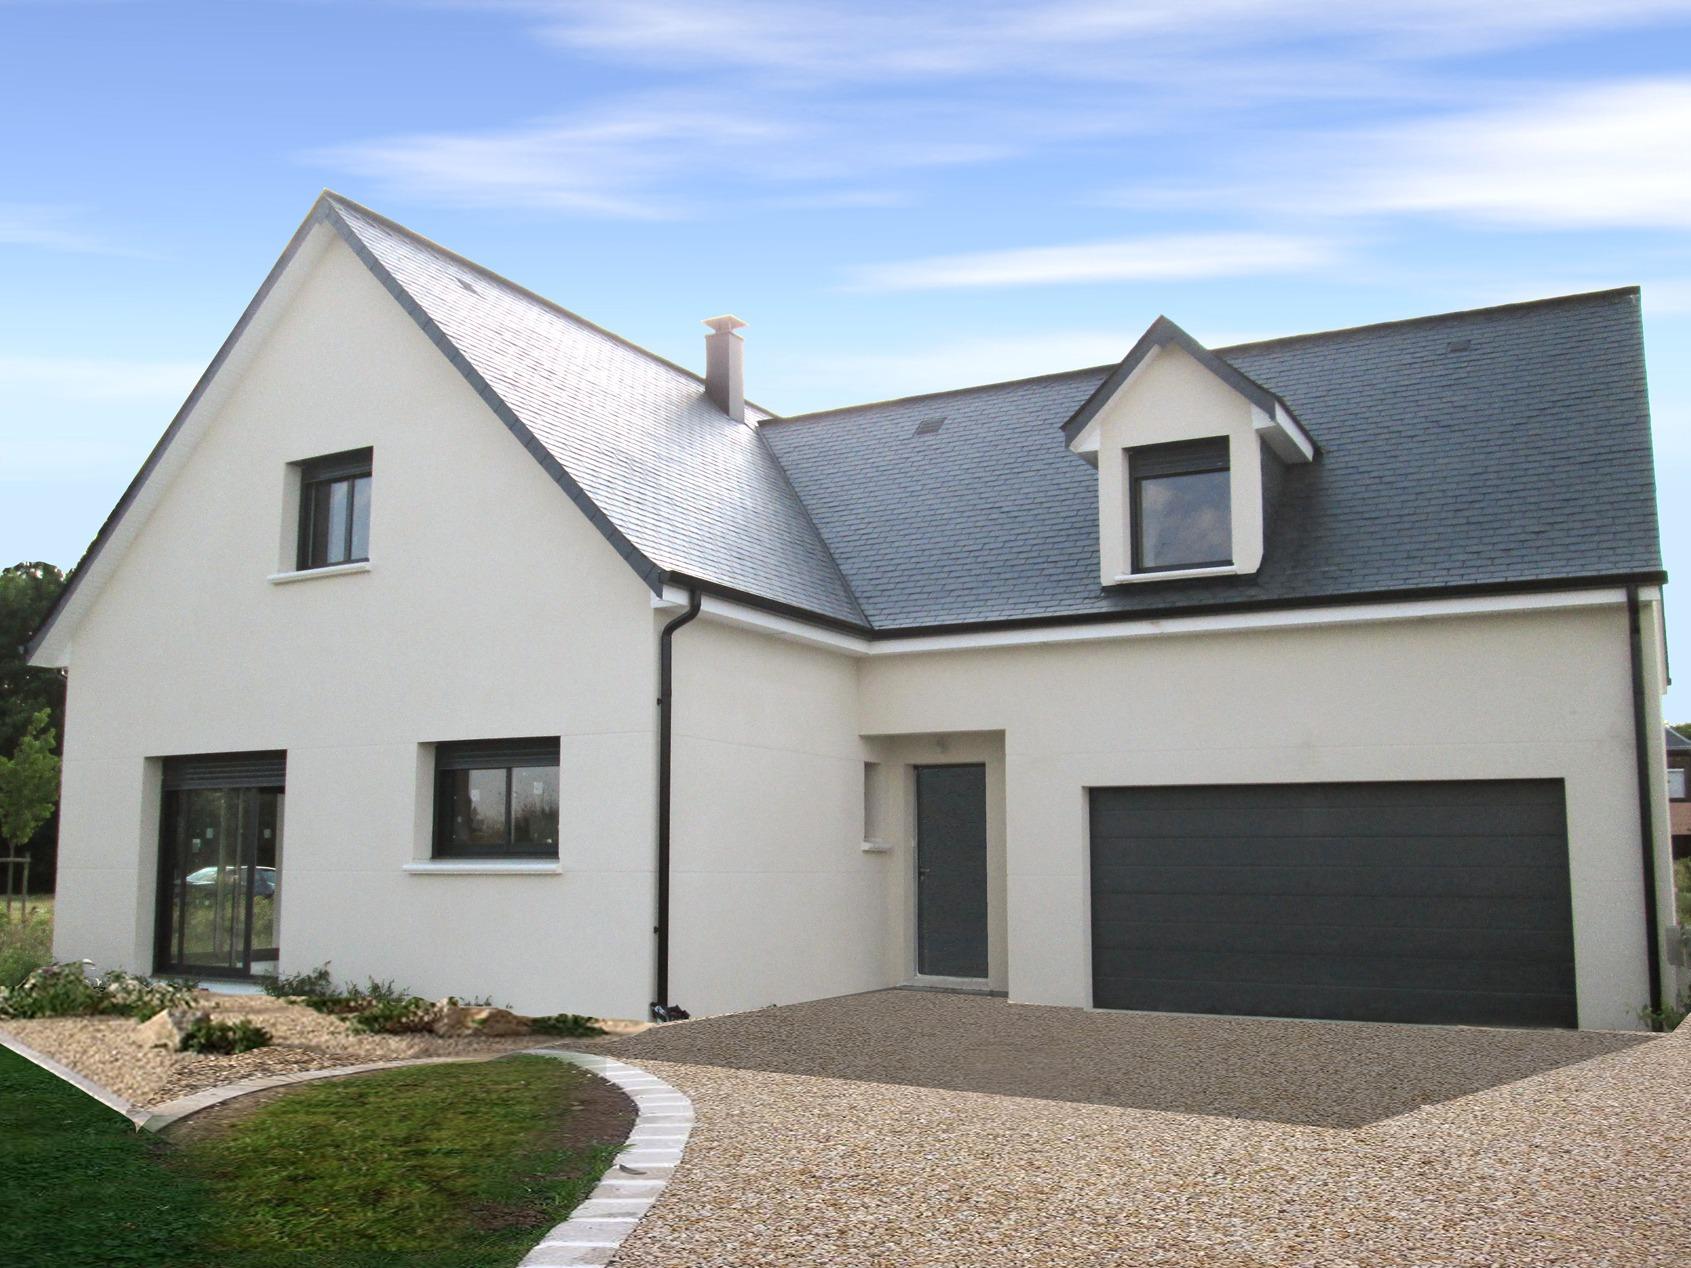 Maisons + Terrains du constructeur MAISON CASTOR • 130 m² • BOURG ACHARD